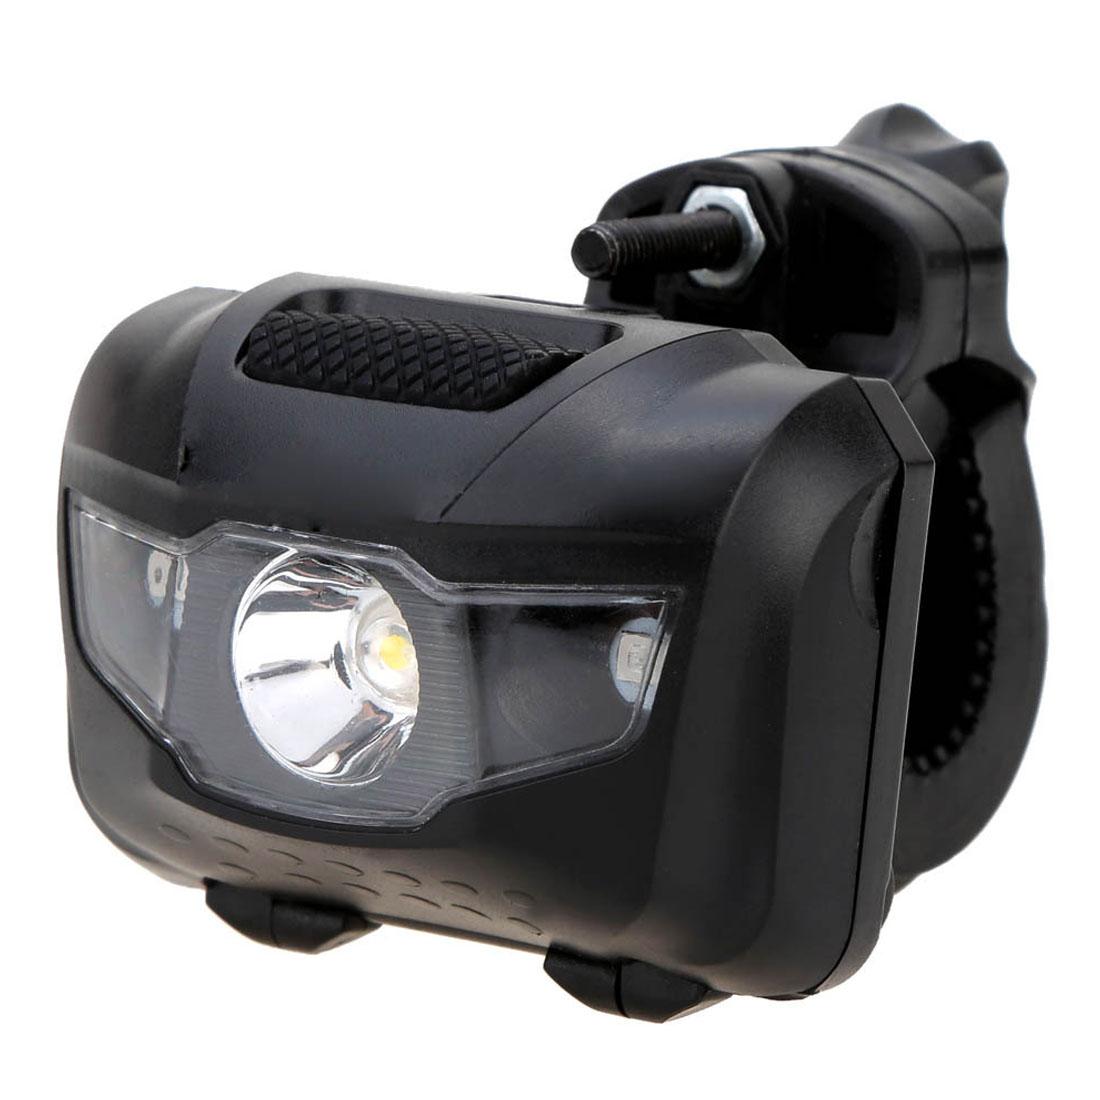 [해외]사이클링 LED 자전거 라이트 바이크 프런트 리어 라이트 ABS 헤드 테일 미등 라이트 자전거 라이트 사이클링 자전거 액세서리/Cycling LED Bicycle Light Bike Front Rear Light ABS Head Tail Taillight War